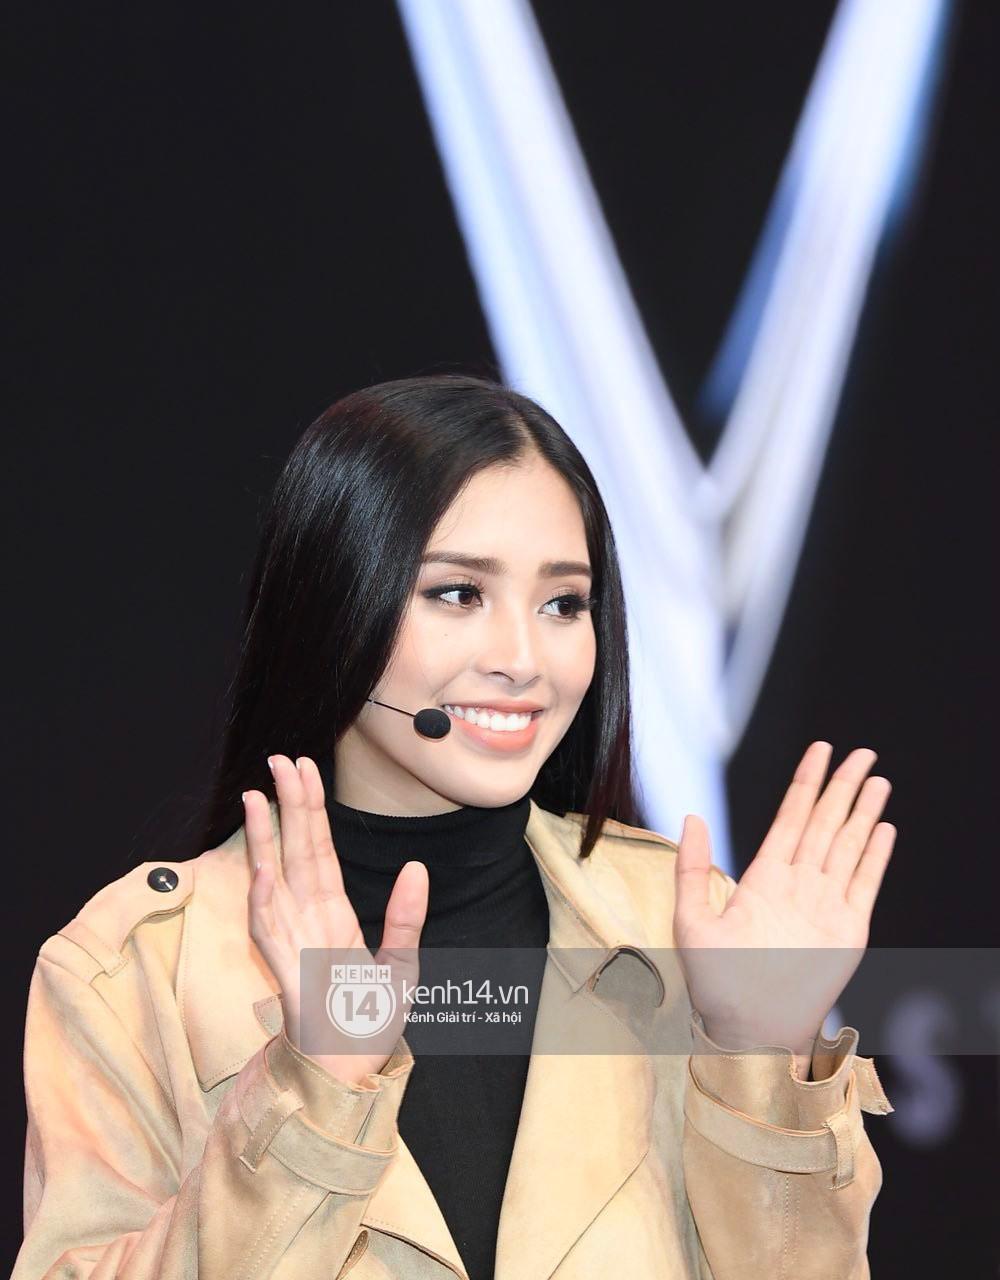 Hoa hậu Trần Tiểu Vy tất bật tập luyện cho sự kiện ra mắt xe VINFAST - Ảnh 9.